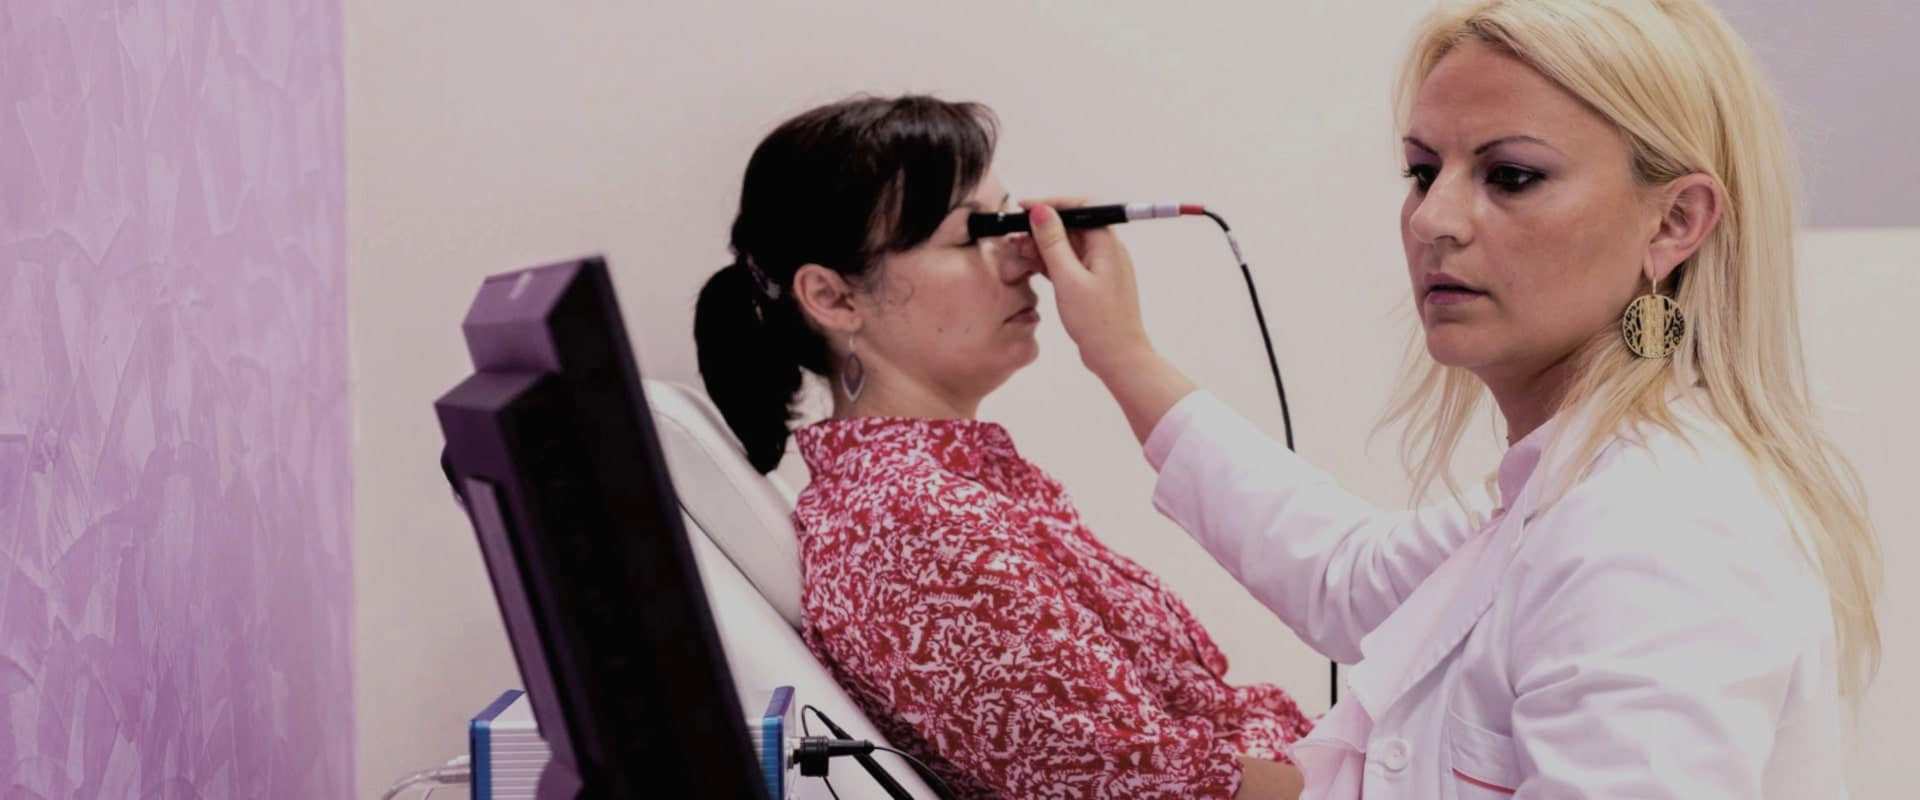 Oana Rusu oftalmolog cluj